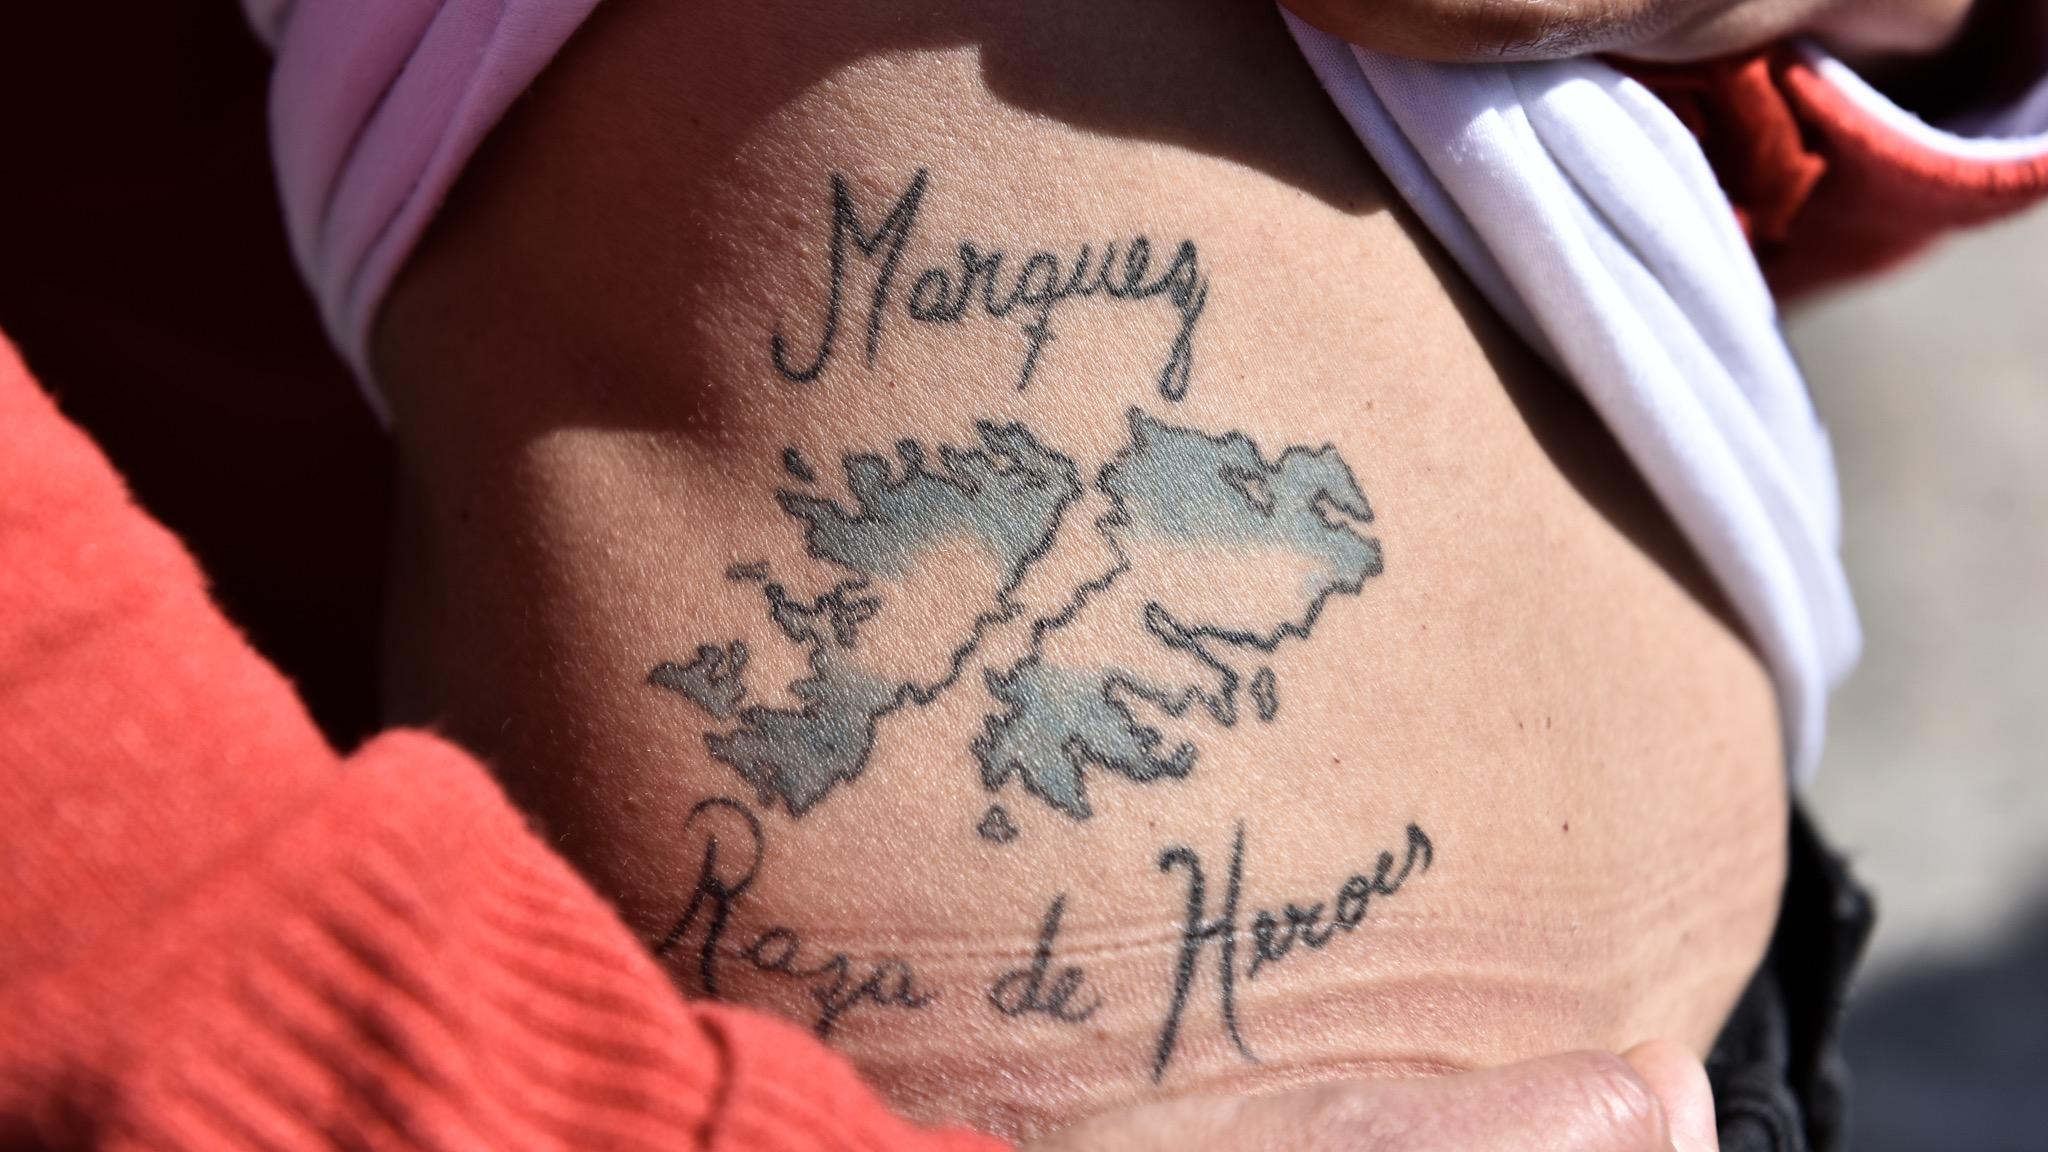 Las islas Malvinas tatuadas en la piel de la sobrina de Márquez (Adrián Escandar)